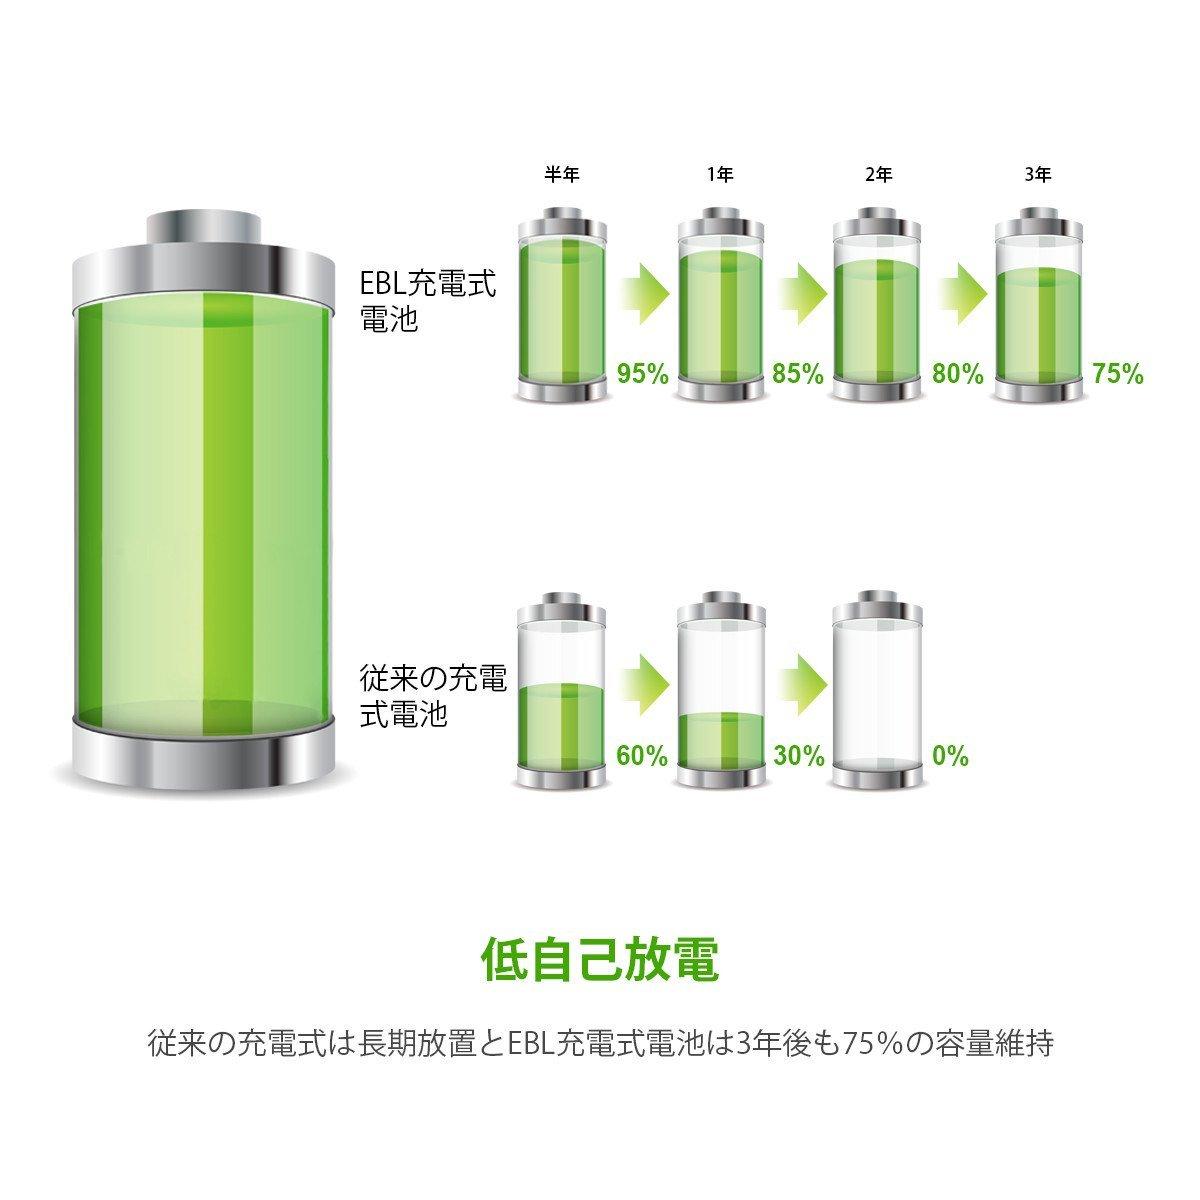 EBL 単4形充電池 充電式ニッケル水素電池 高容量1100mAh 8本入り 約1200回使用可能 ケース2個付き 単四充電池 _画像3